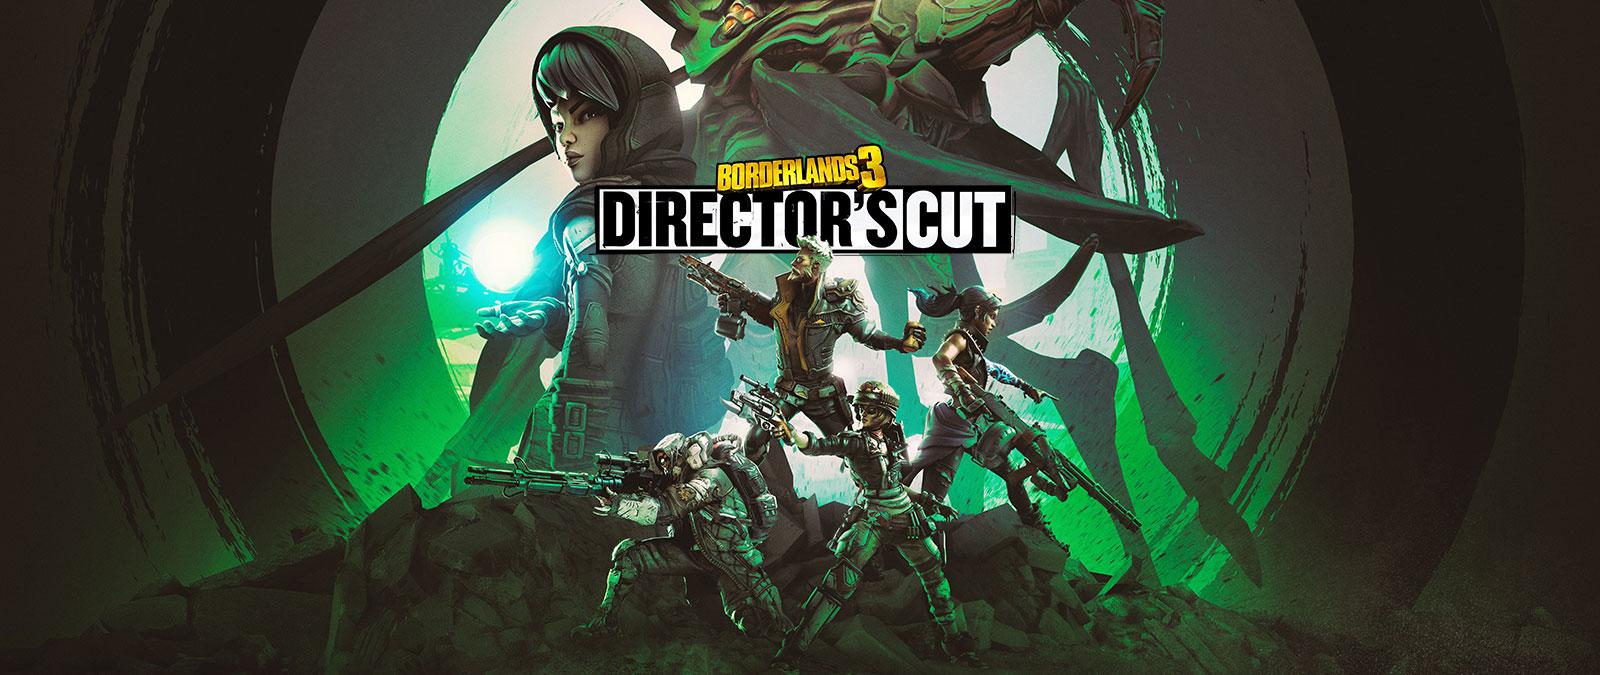 Borderlands 3, Director's Cut. Cuatro personajes con armas en una colina con dos personajes más grandes en el fondo